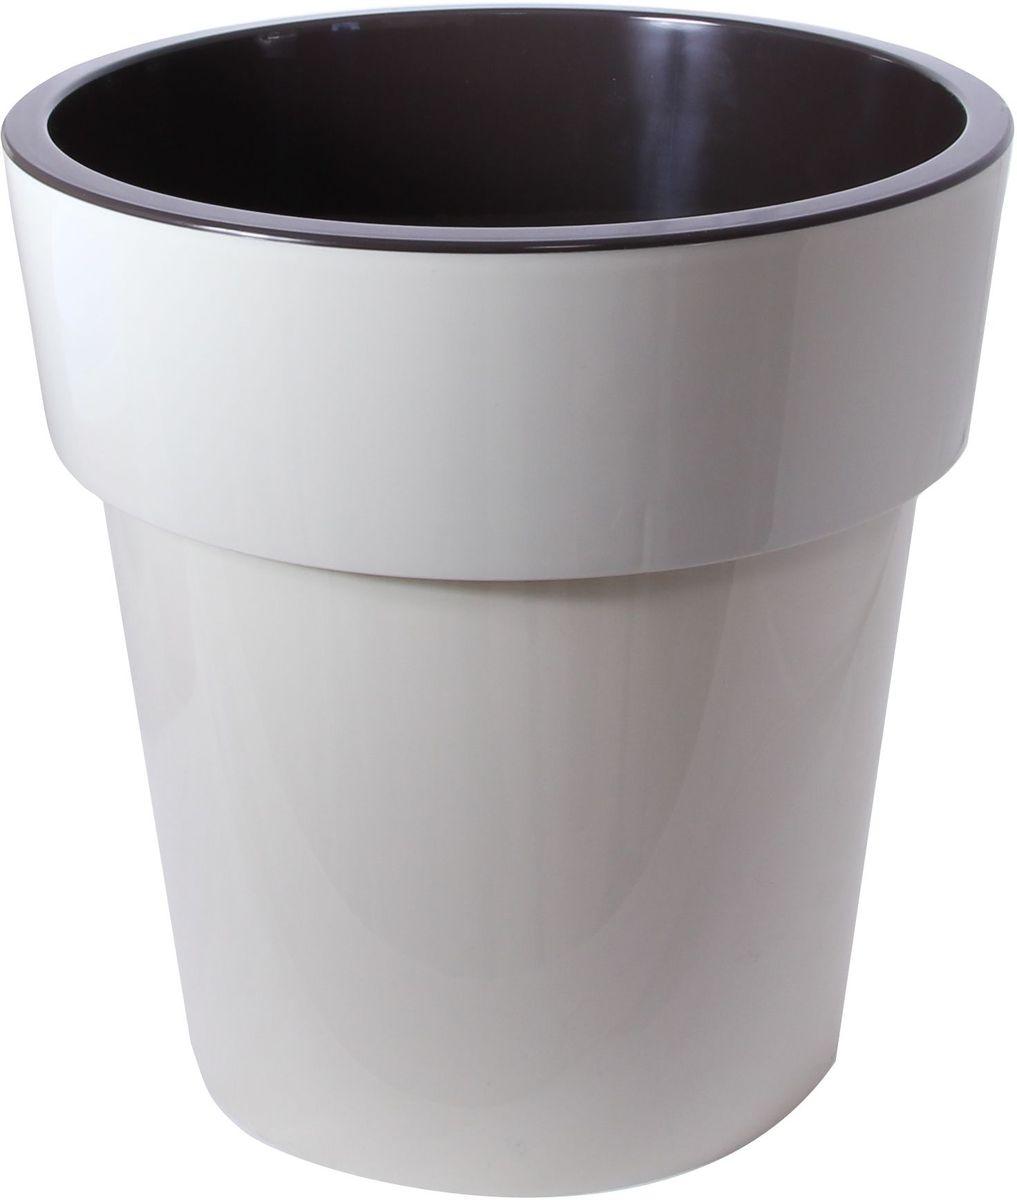 Кашпо Idea Тубус, цвет: белый, диаметр 15 см4612754052479Кашпо Idea Тубус изготовлено из прочного пластика. Изделие прекрасно подходит для выращивания растений и цветов в домашних условиях. Стильный современный дизайн органично впишется в интерьер помещения.Диаметр кашпо: 15 см. Высота кашпо: 15 см.